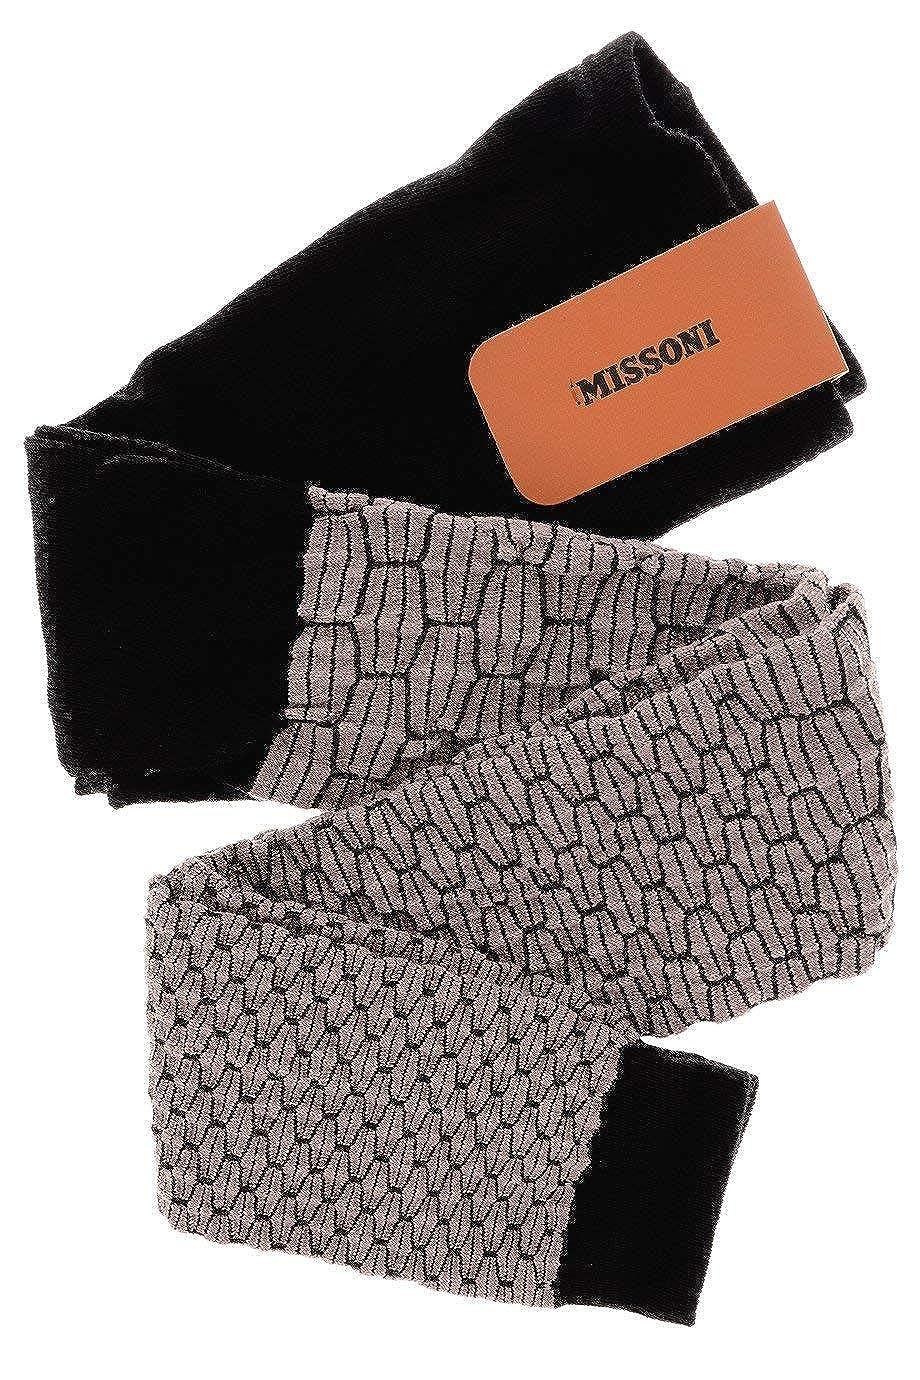 MISSONI VIRGIN Wool Purple Leggings